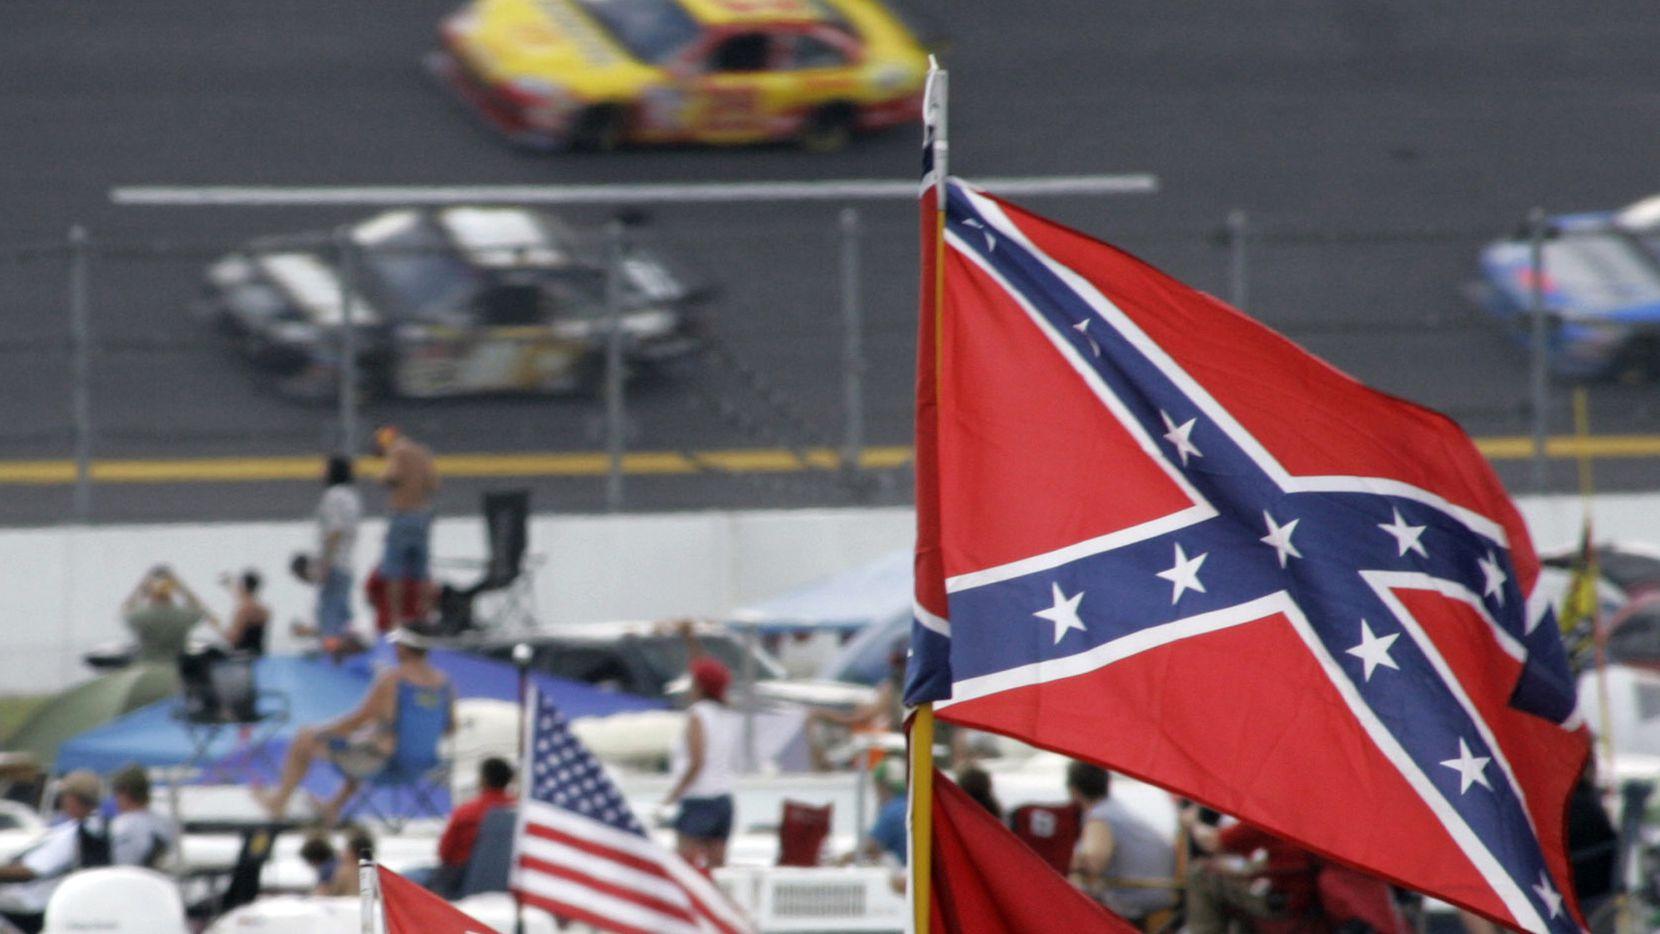 La bandera confederada ondea en una carrera de la categoría NASCAR en el Talladega Superspeedway de Alabama, el 7 de octubre de 2007.